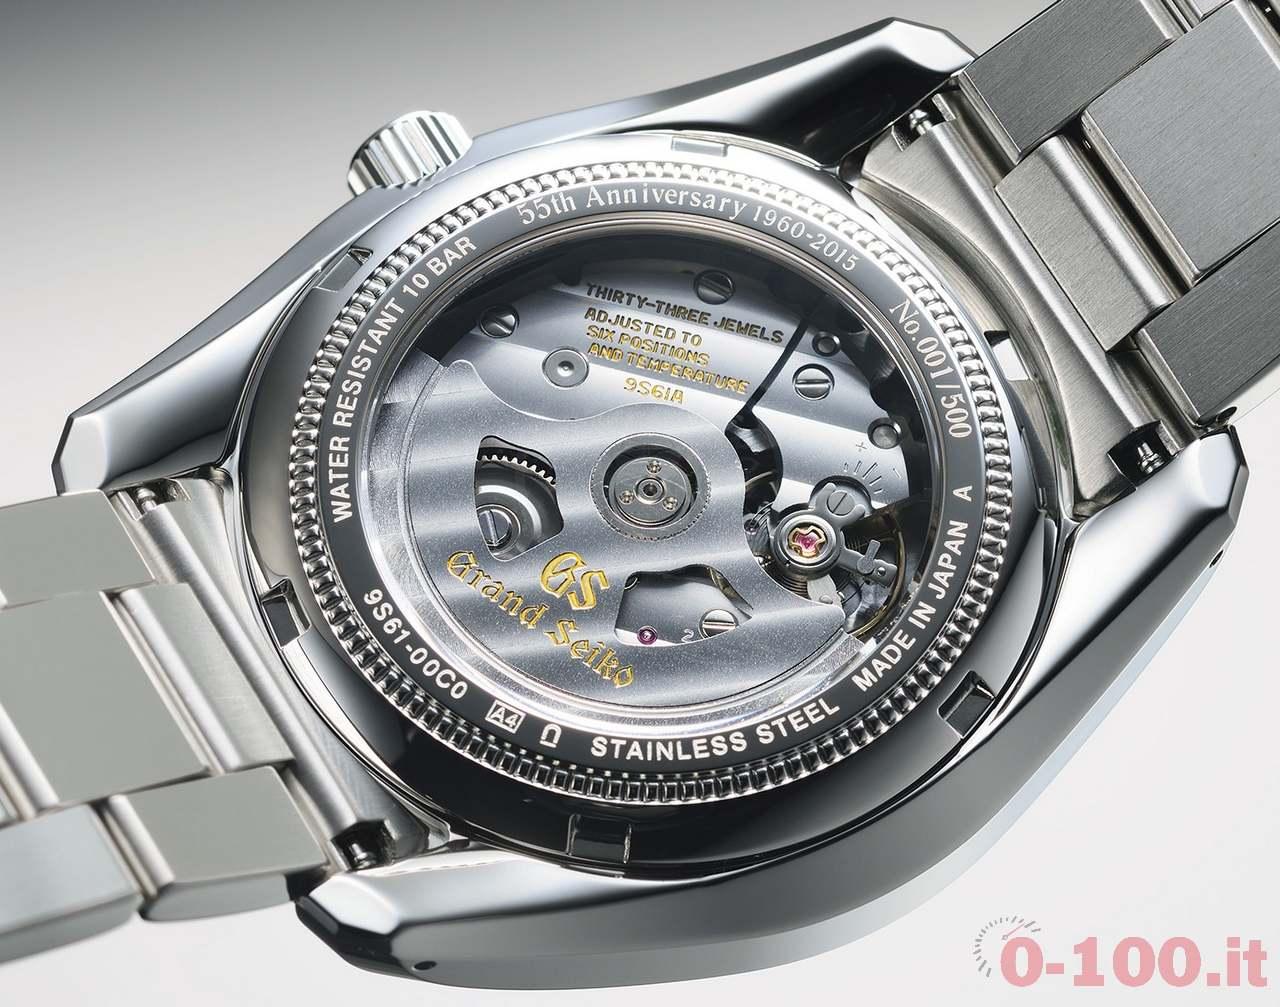 grand-seiko-55th-anniversary-sbgr-097-limited-edition-prezzo-price_0-1003